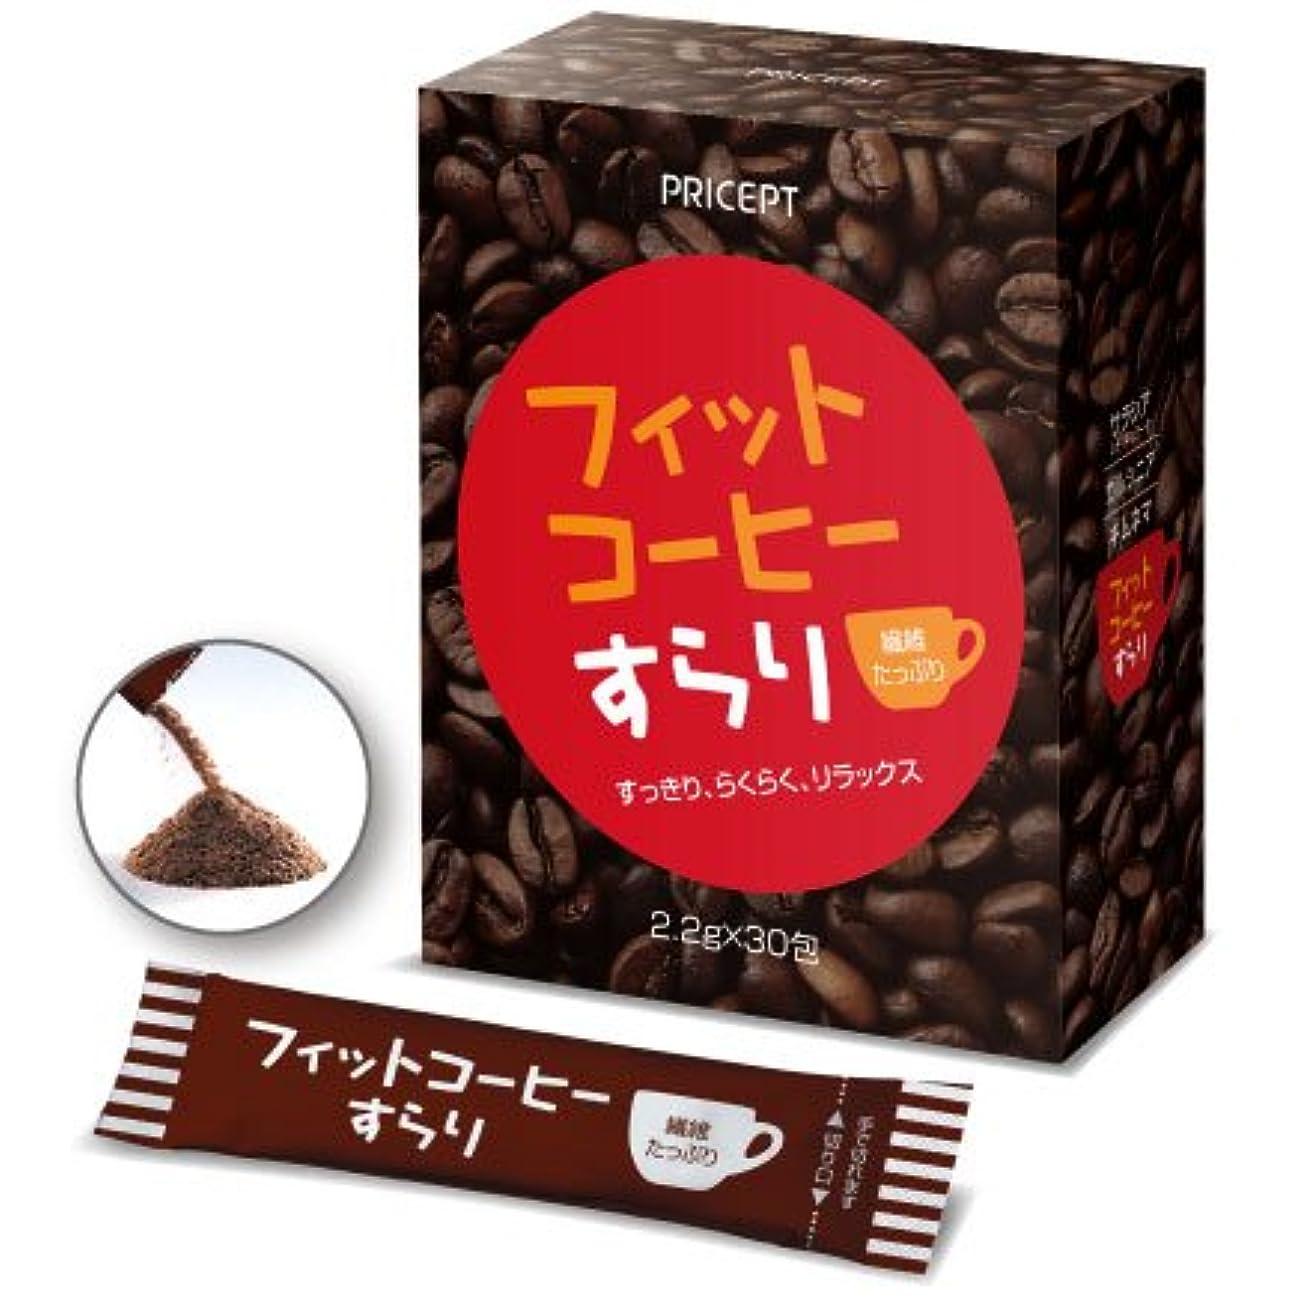 疑い者重さチキンプリセプト フィットコーヒーすらり 30包【単品】(ダイエットサポートコーヒー)